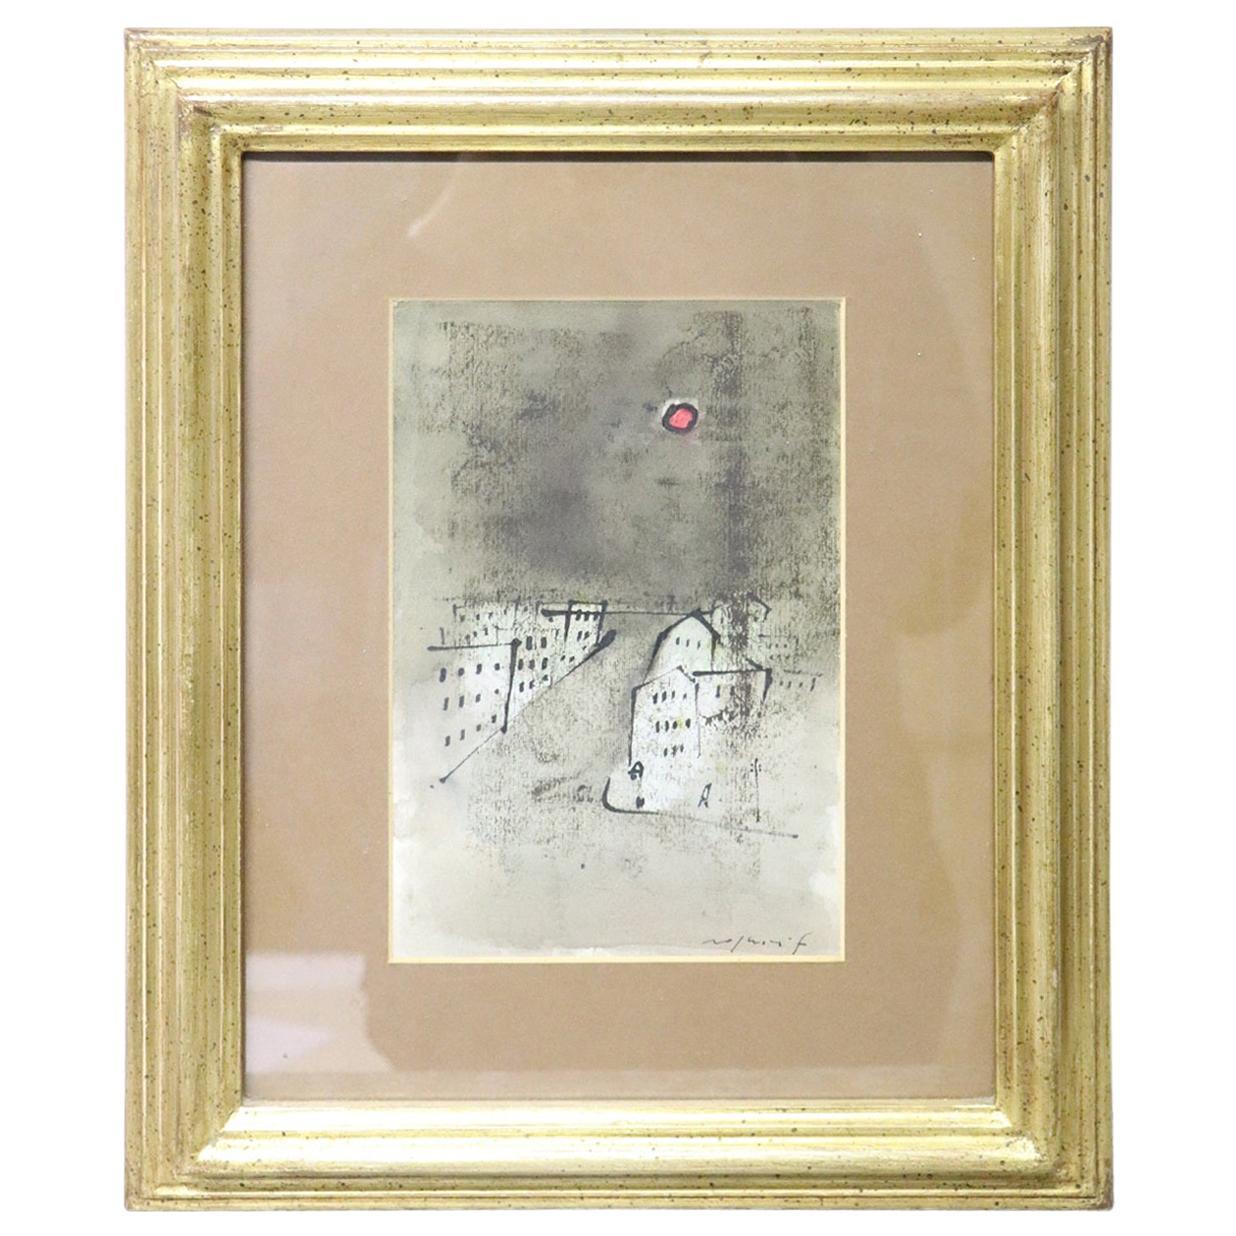 20th Century Italian Important Artist Tempera on Paper by Franco Rognoni